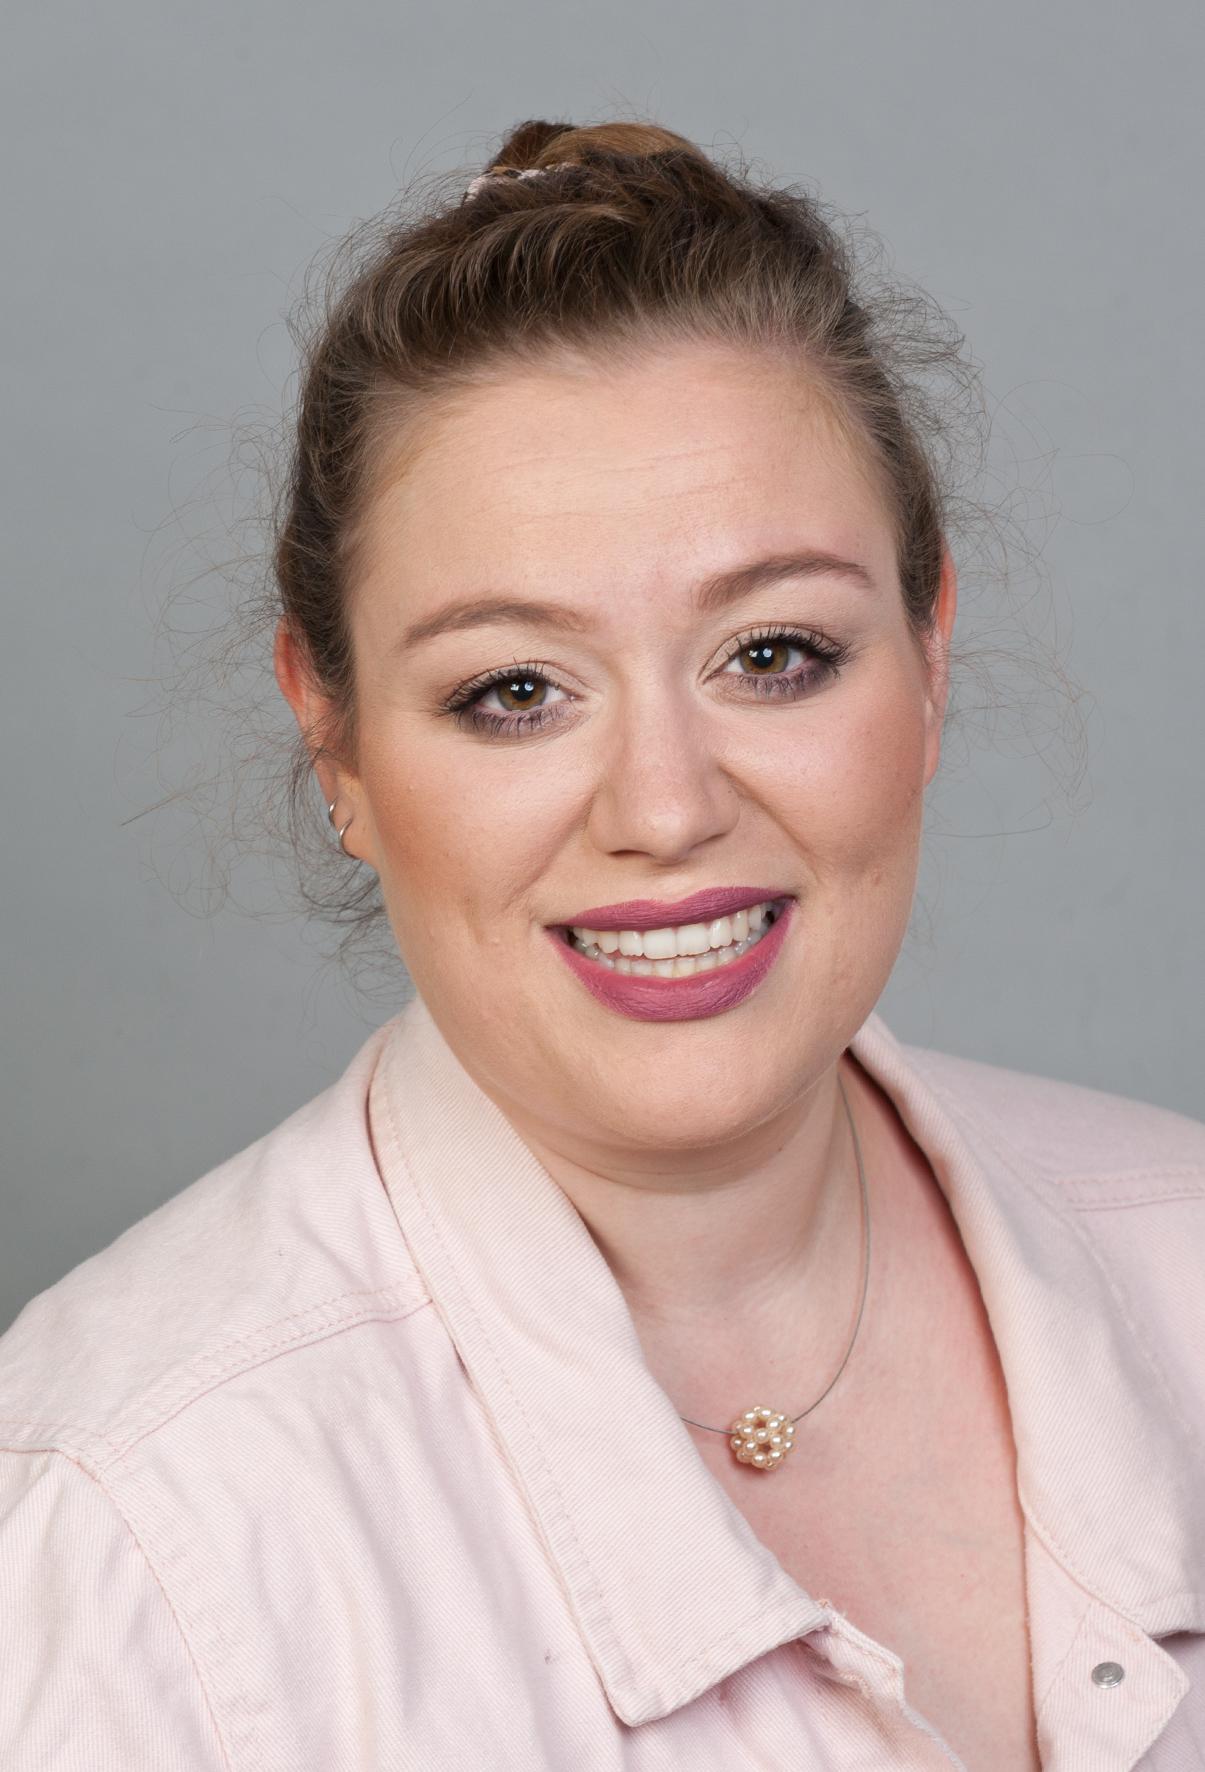 Aline Weuffen - Tanzpädagogin, Spezialgebiete Kindertanz, Streetdance und Tanz für besondere Menschen (m.e.geist. Beh.)